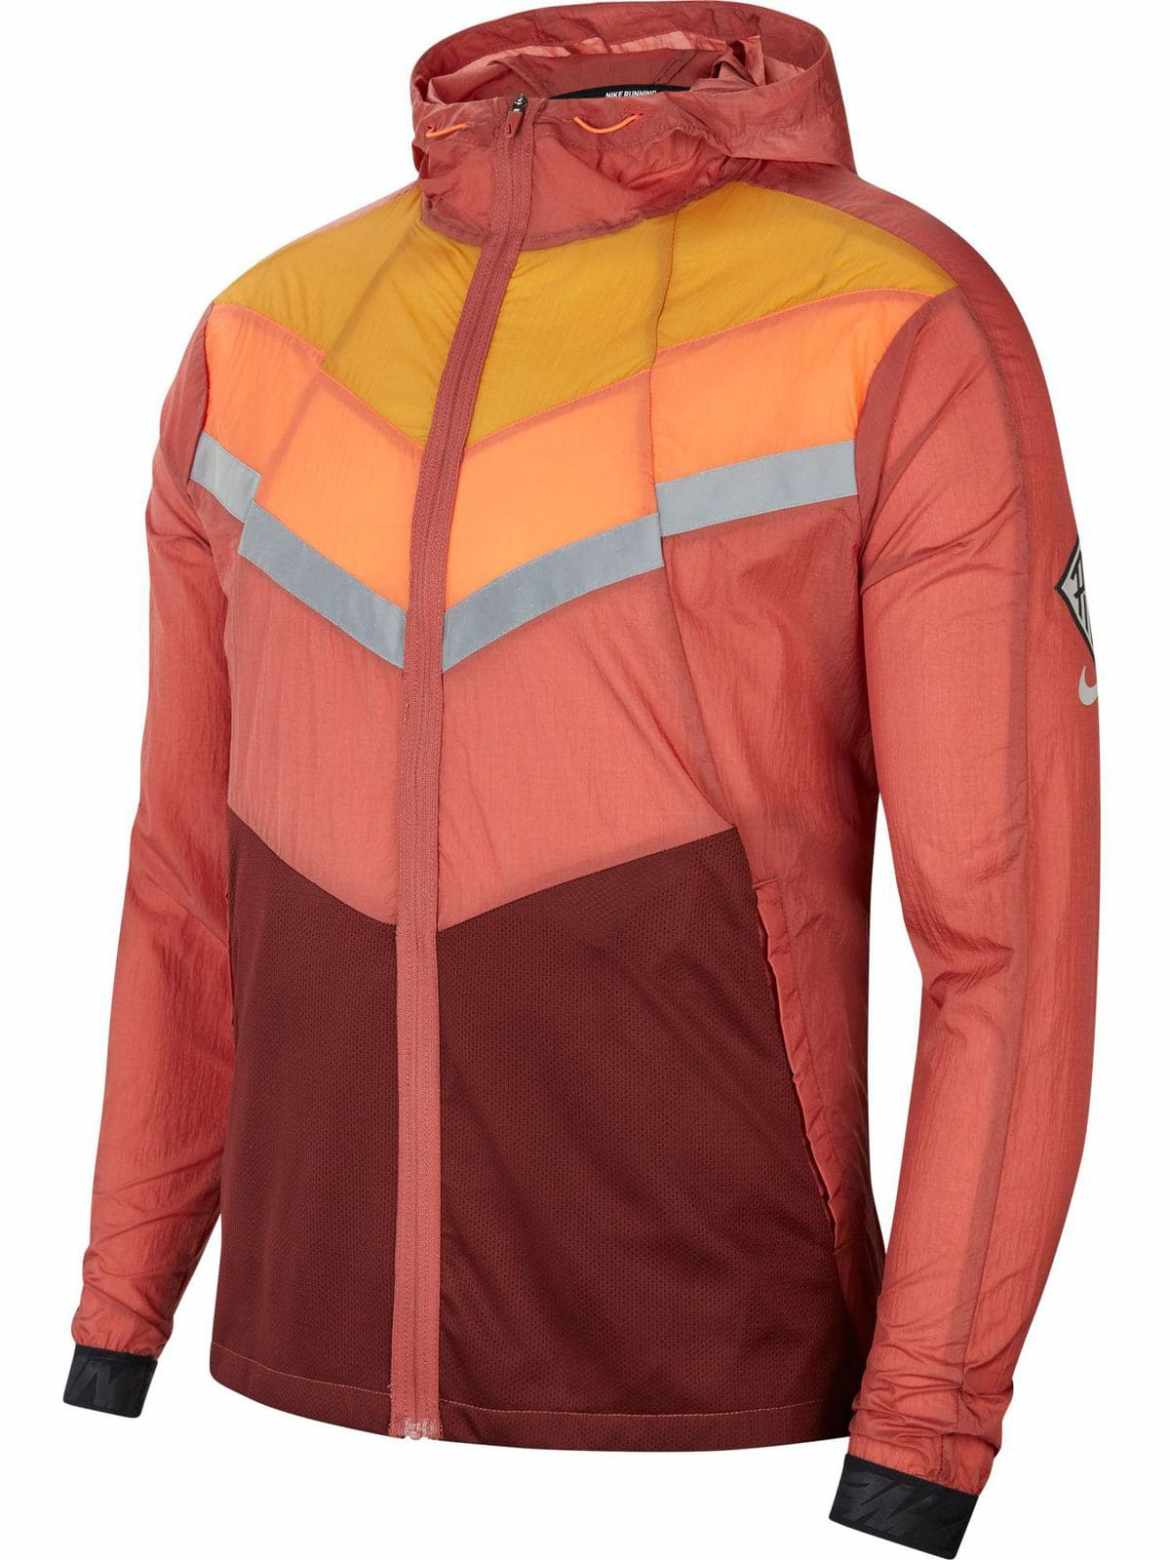 Nike Windrunner Jacket Dicks Sporting Goods